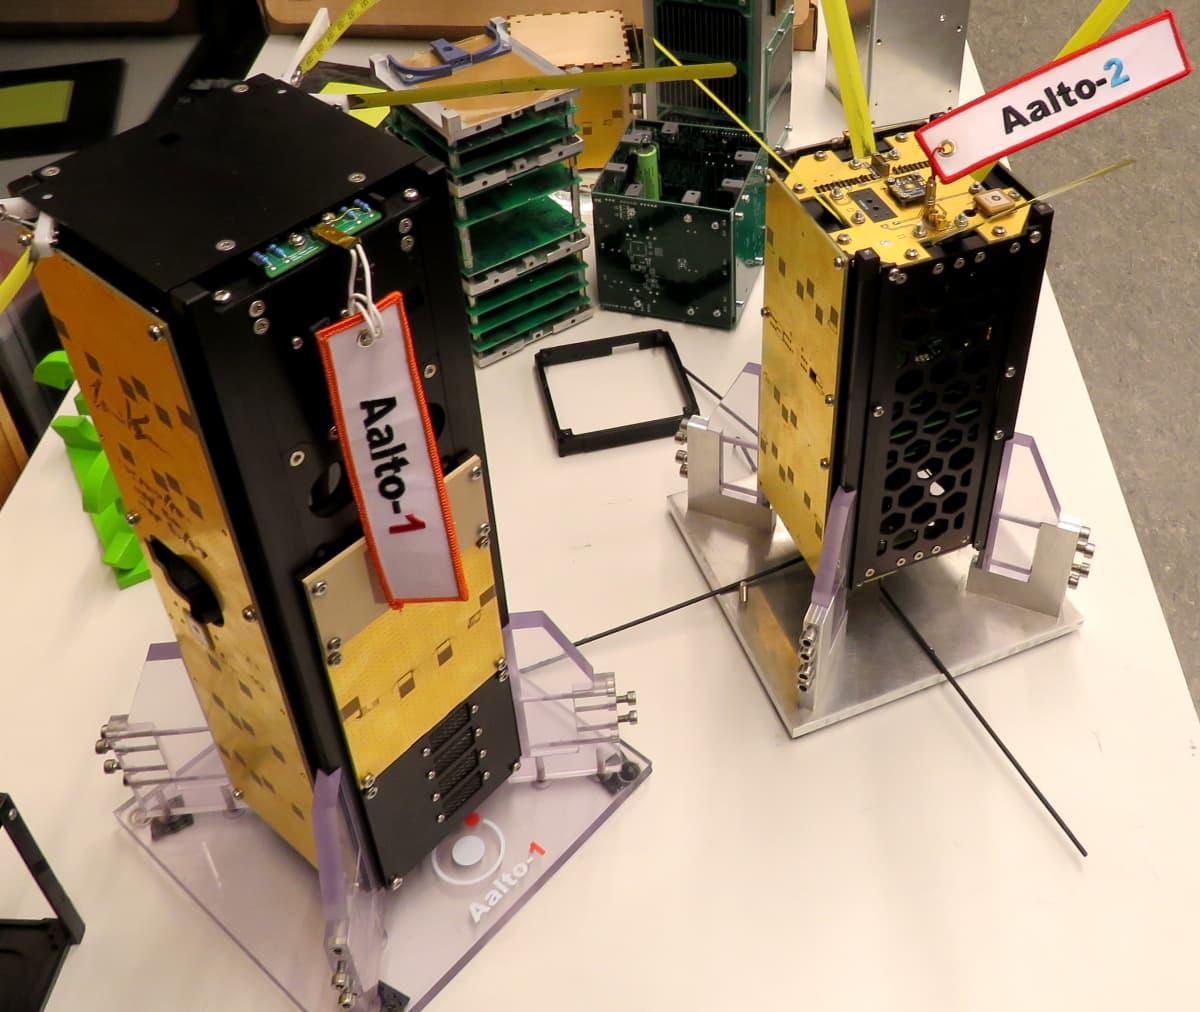 Kaksi maitopurkin kokoista ja muotoista laitetta, joissa on komponentteja.